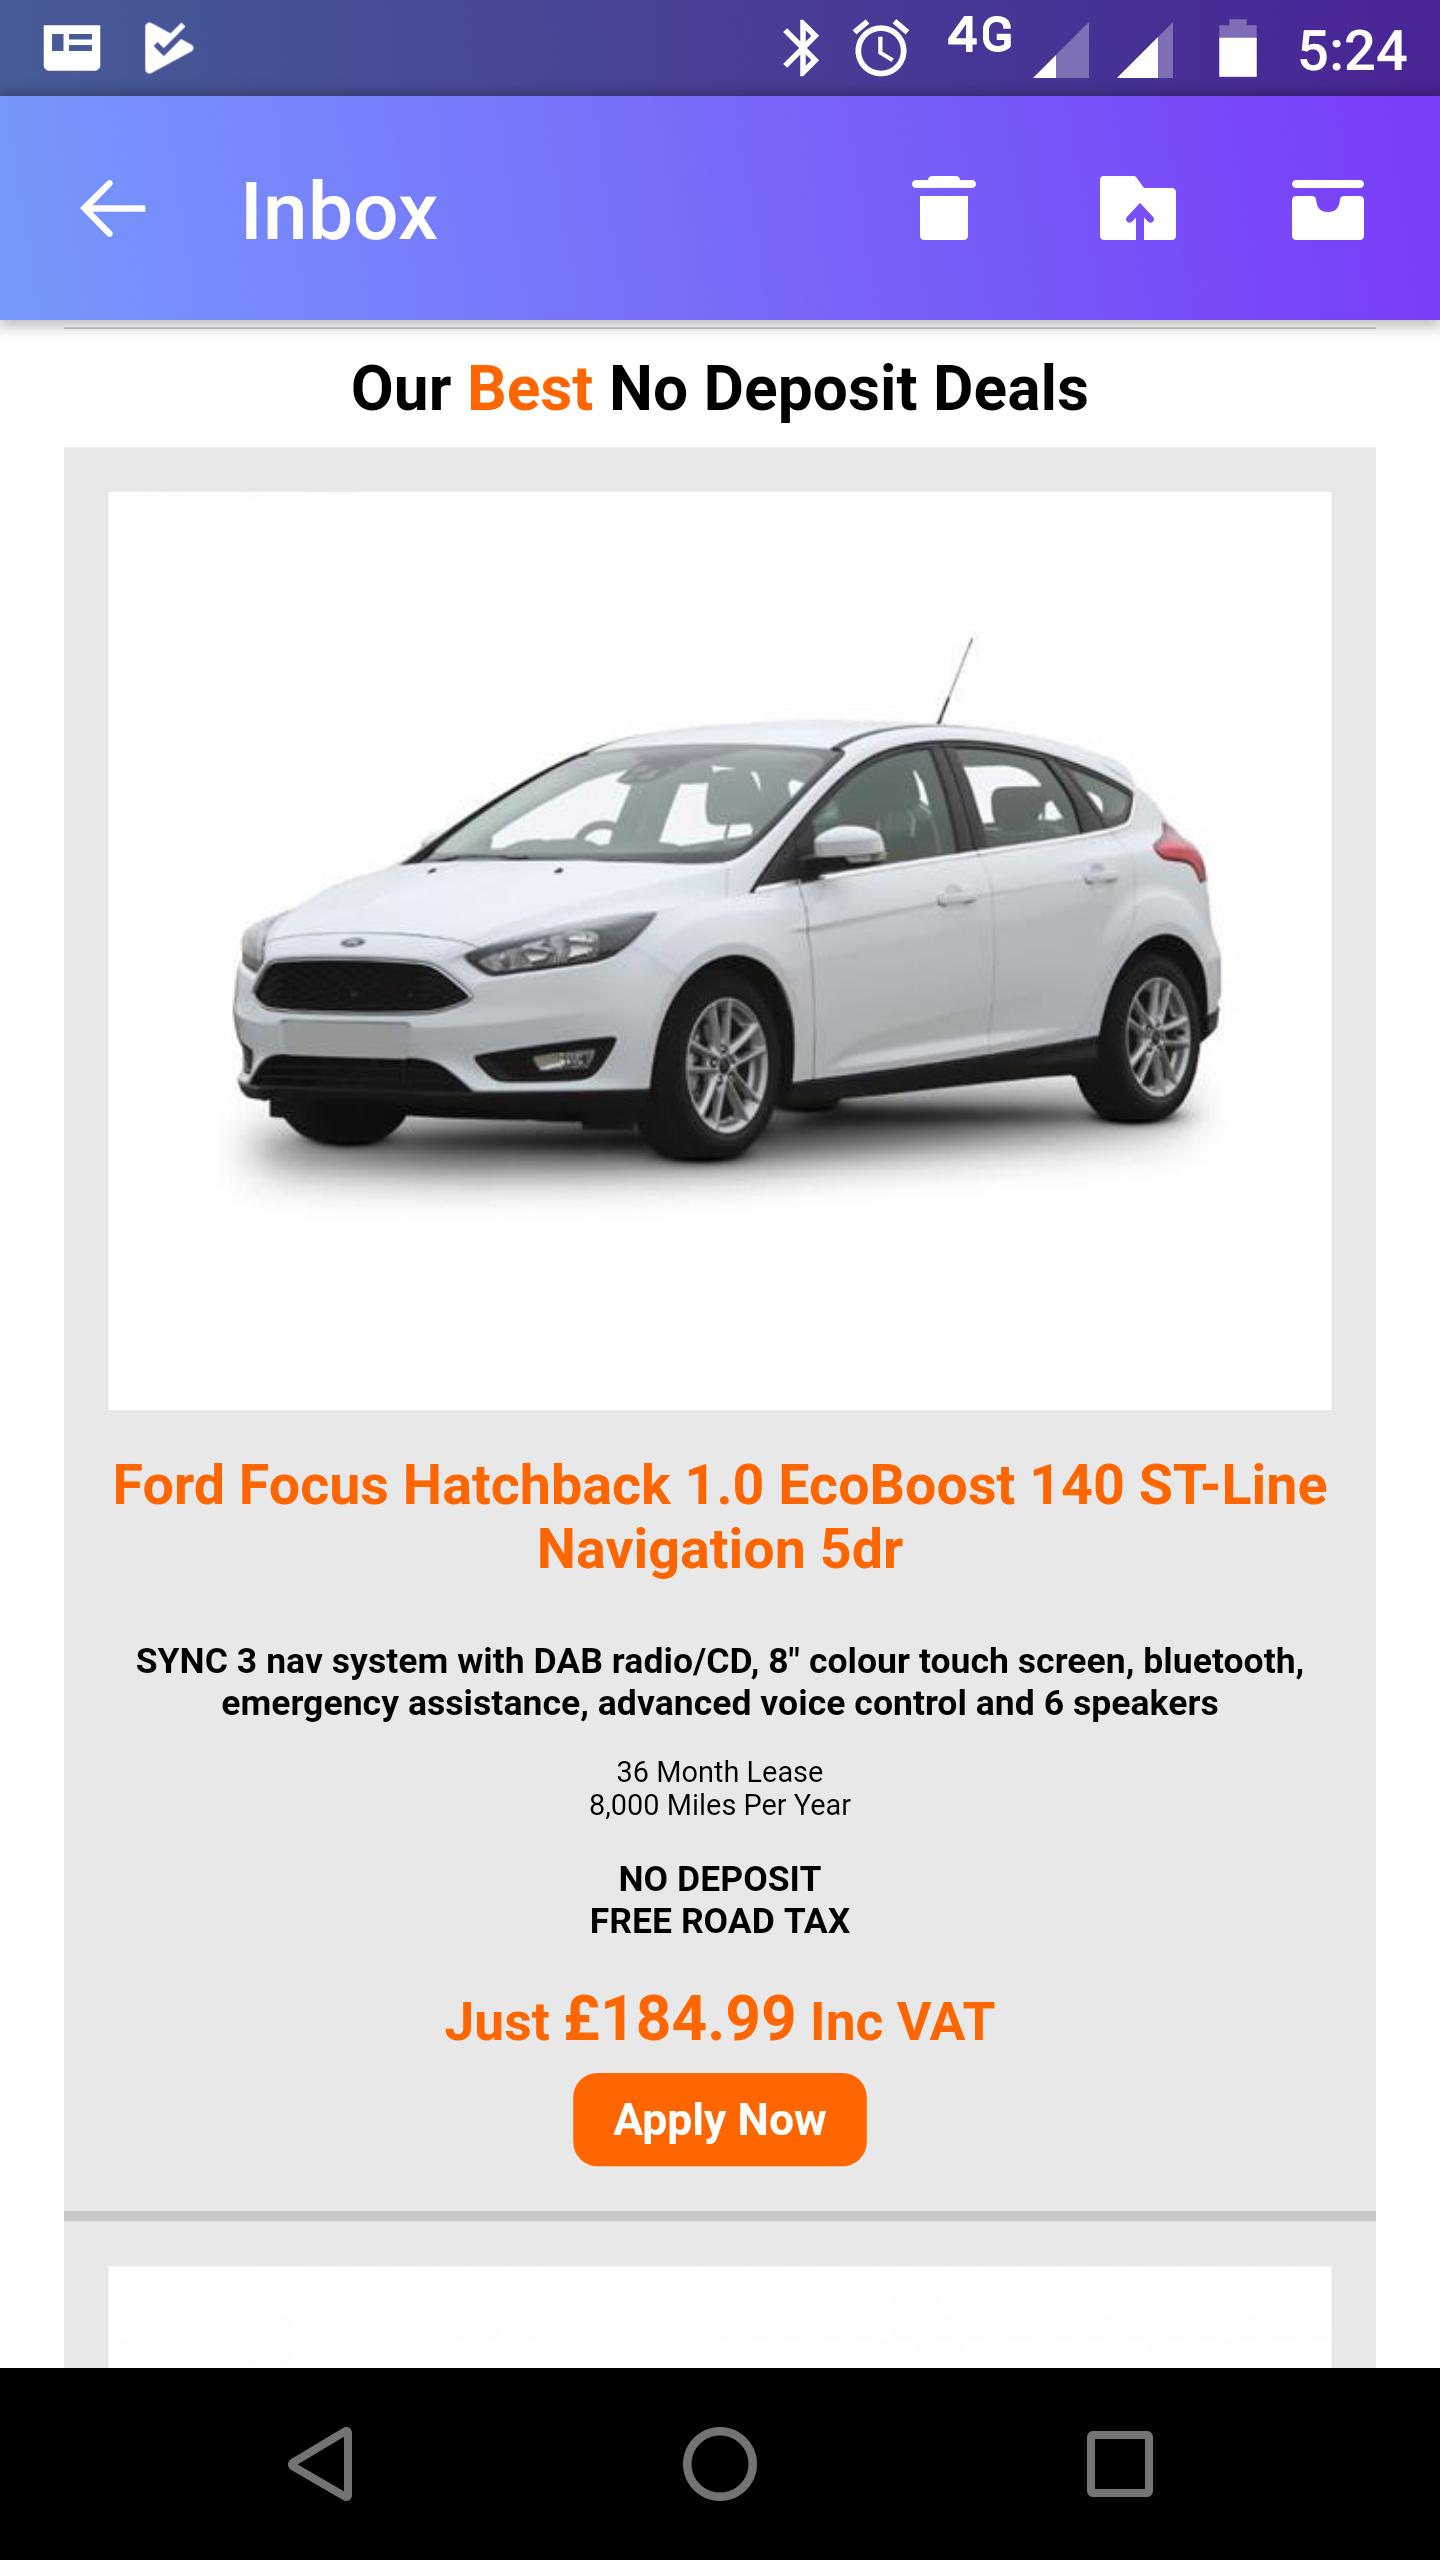 Ford Focus Hatchback 1.0 EcoBoost 140 ST-Line Navigation 5dr 6960 36m @ Yes-lease